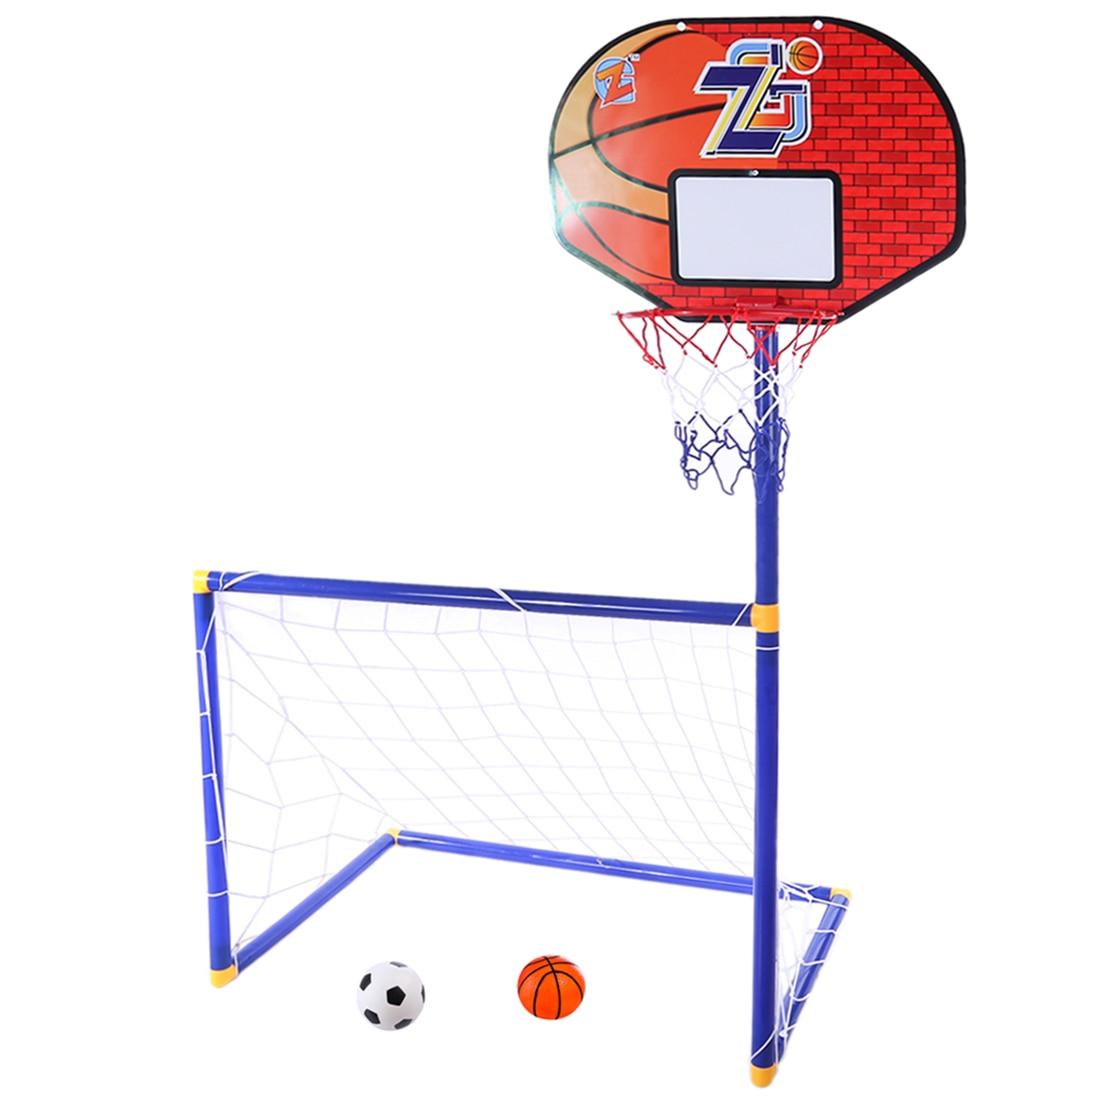 Surwish 2 in 1 Per Bambini Attrezzature Sportive di Calcio di Pallacanestro di Espositori e Alzate per I Bambini All'aperto Giocattolo-ZG270-28